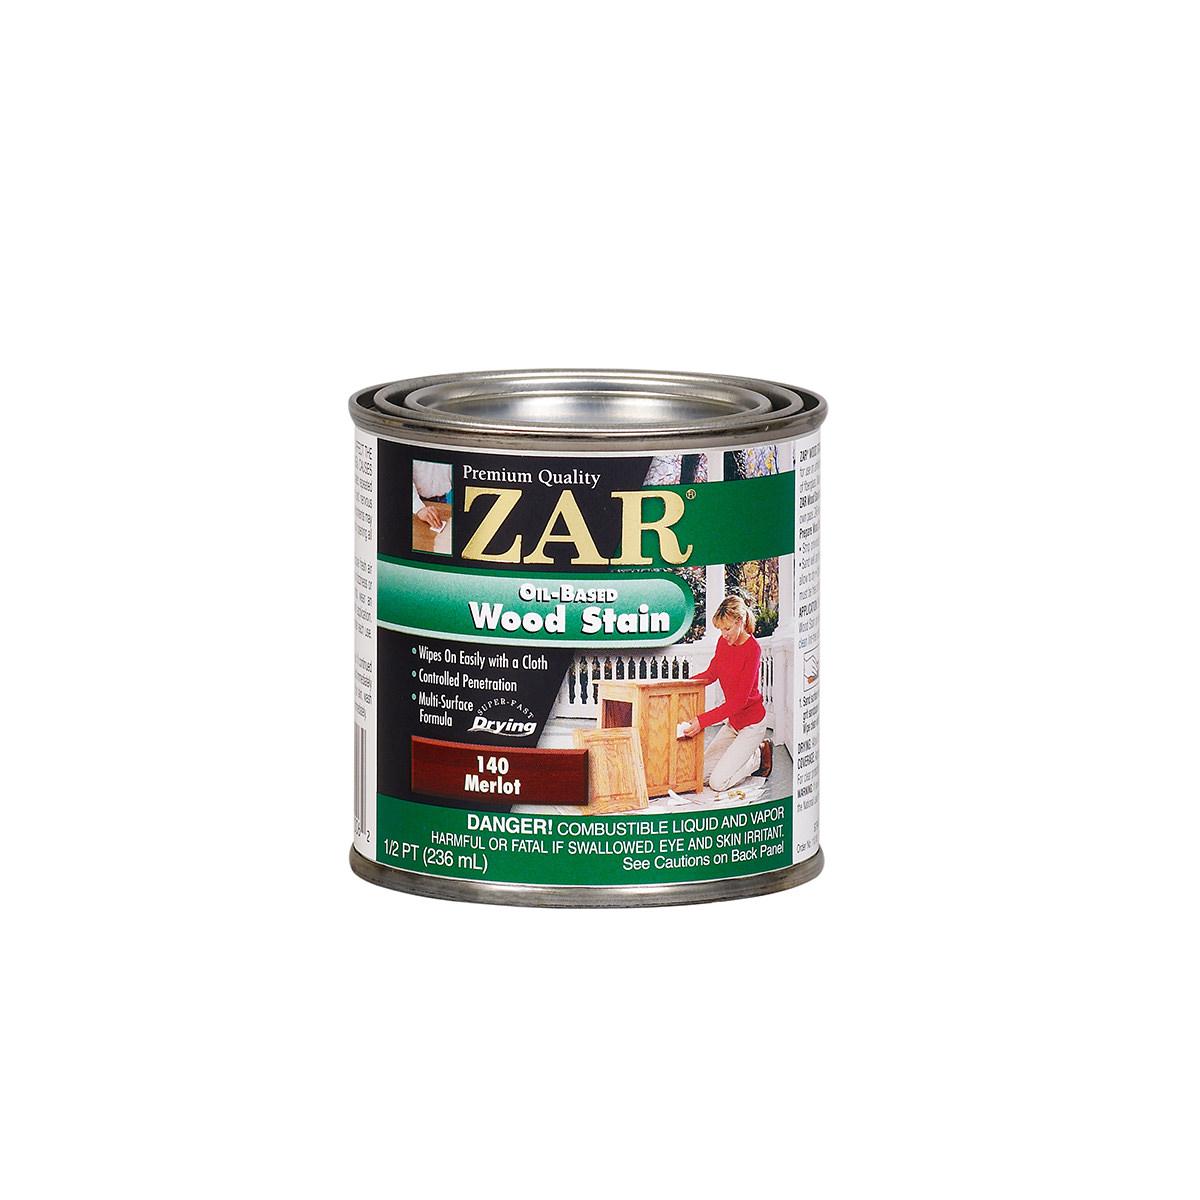 Zar Merlot 140 Oil Based Wood Stain 1 2 Pint